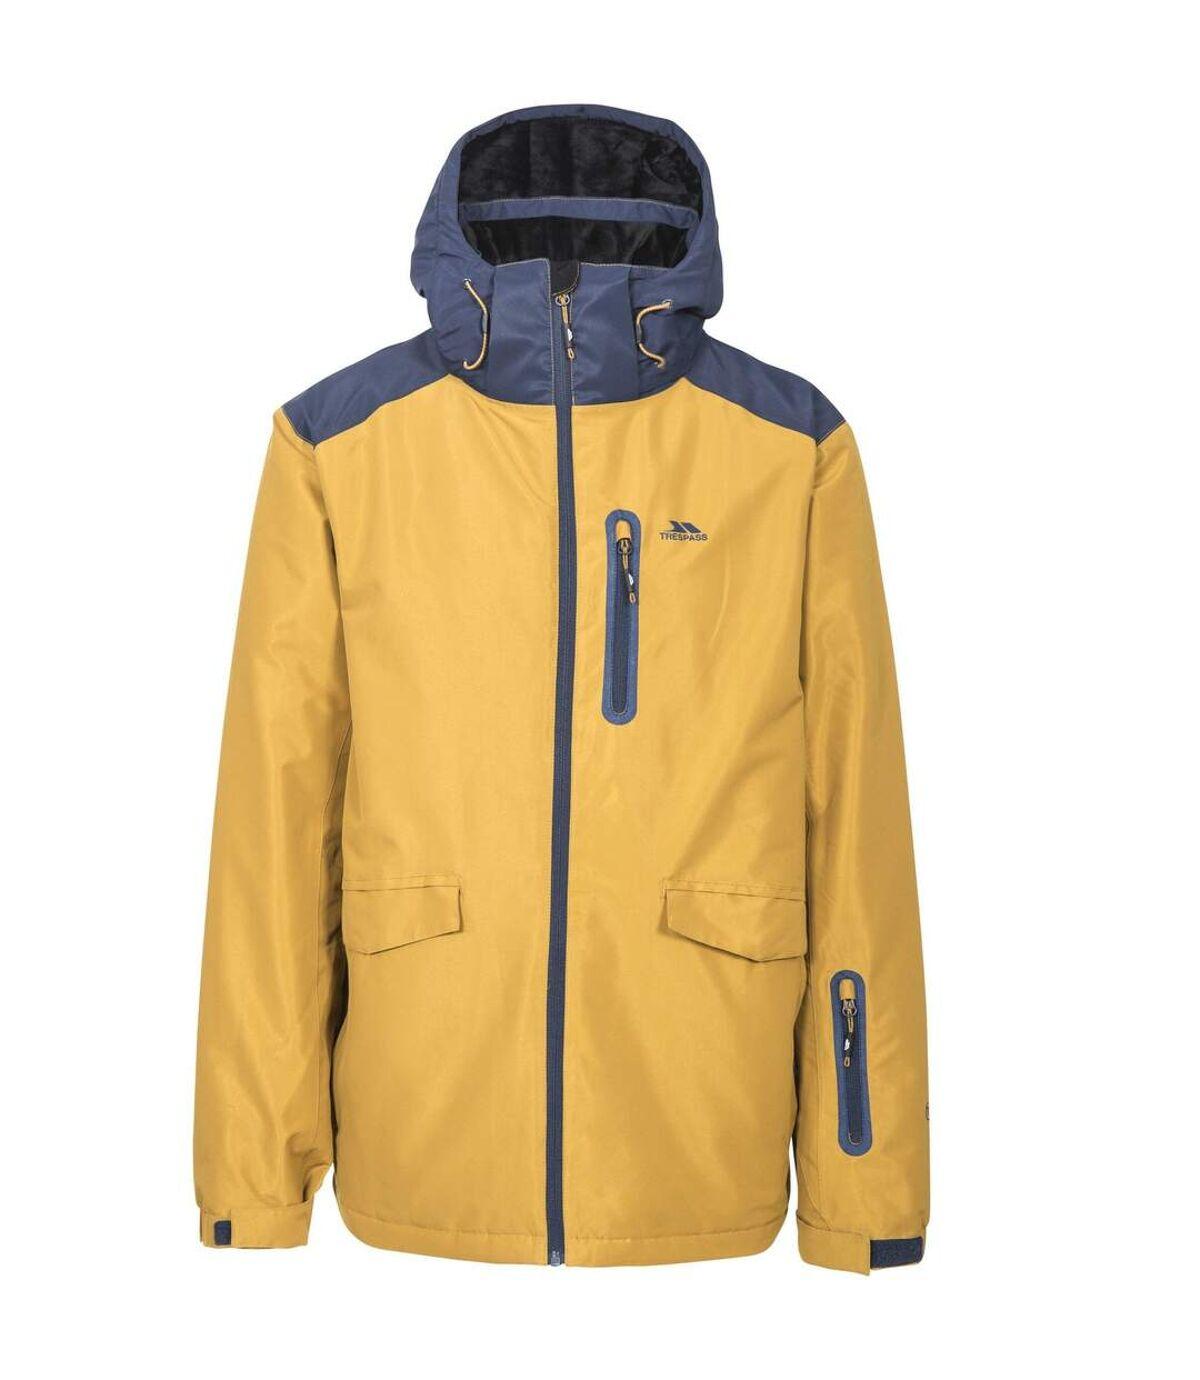 Trespass - Veste de ski SLYNE - Homme (jaune) - UTTP4518